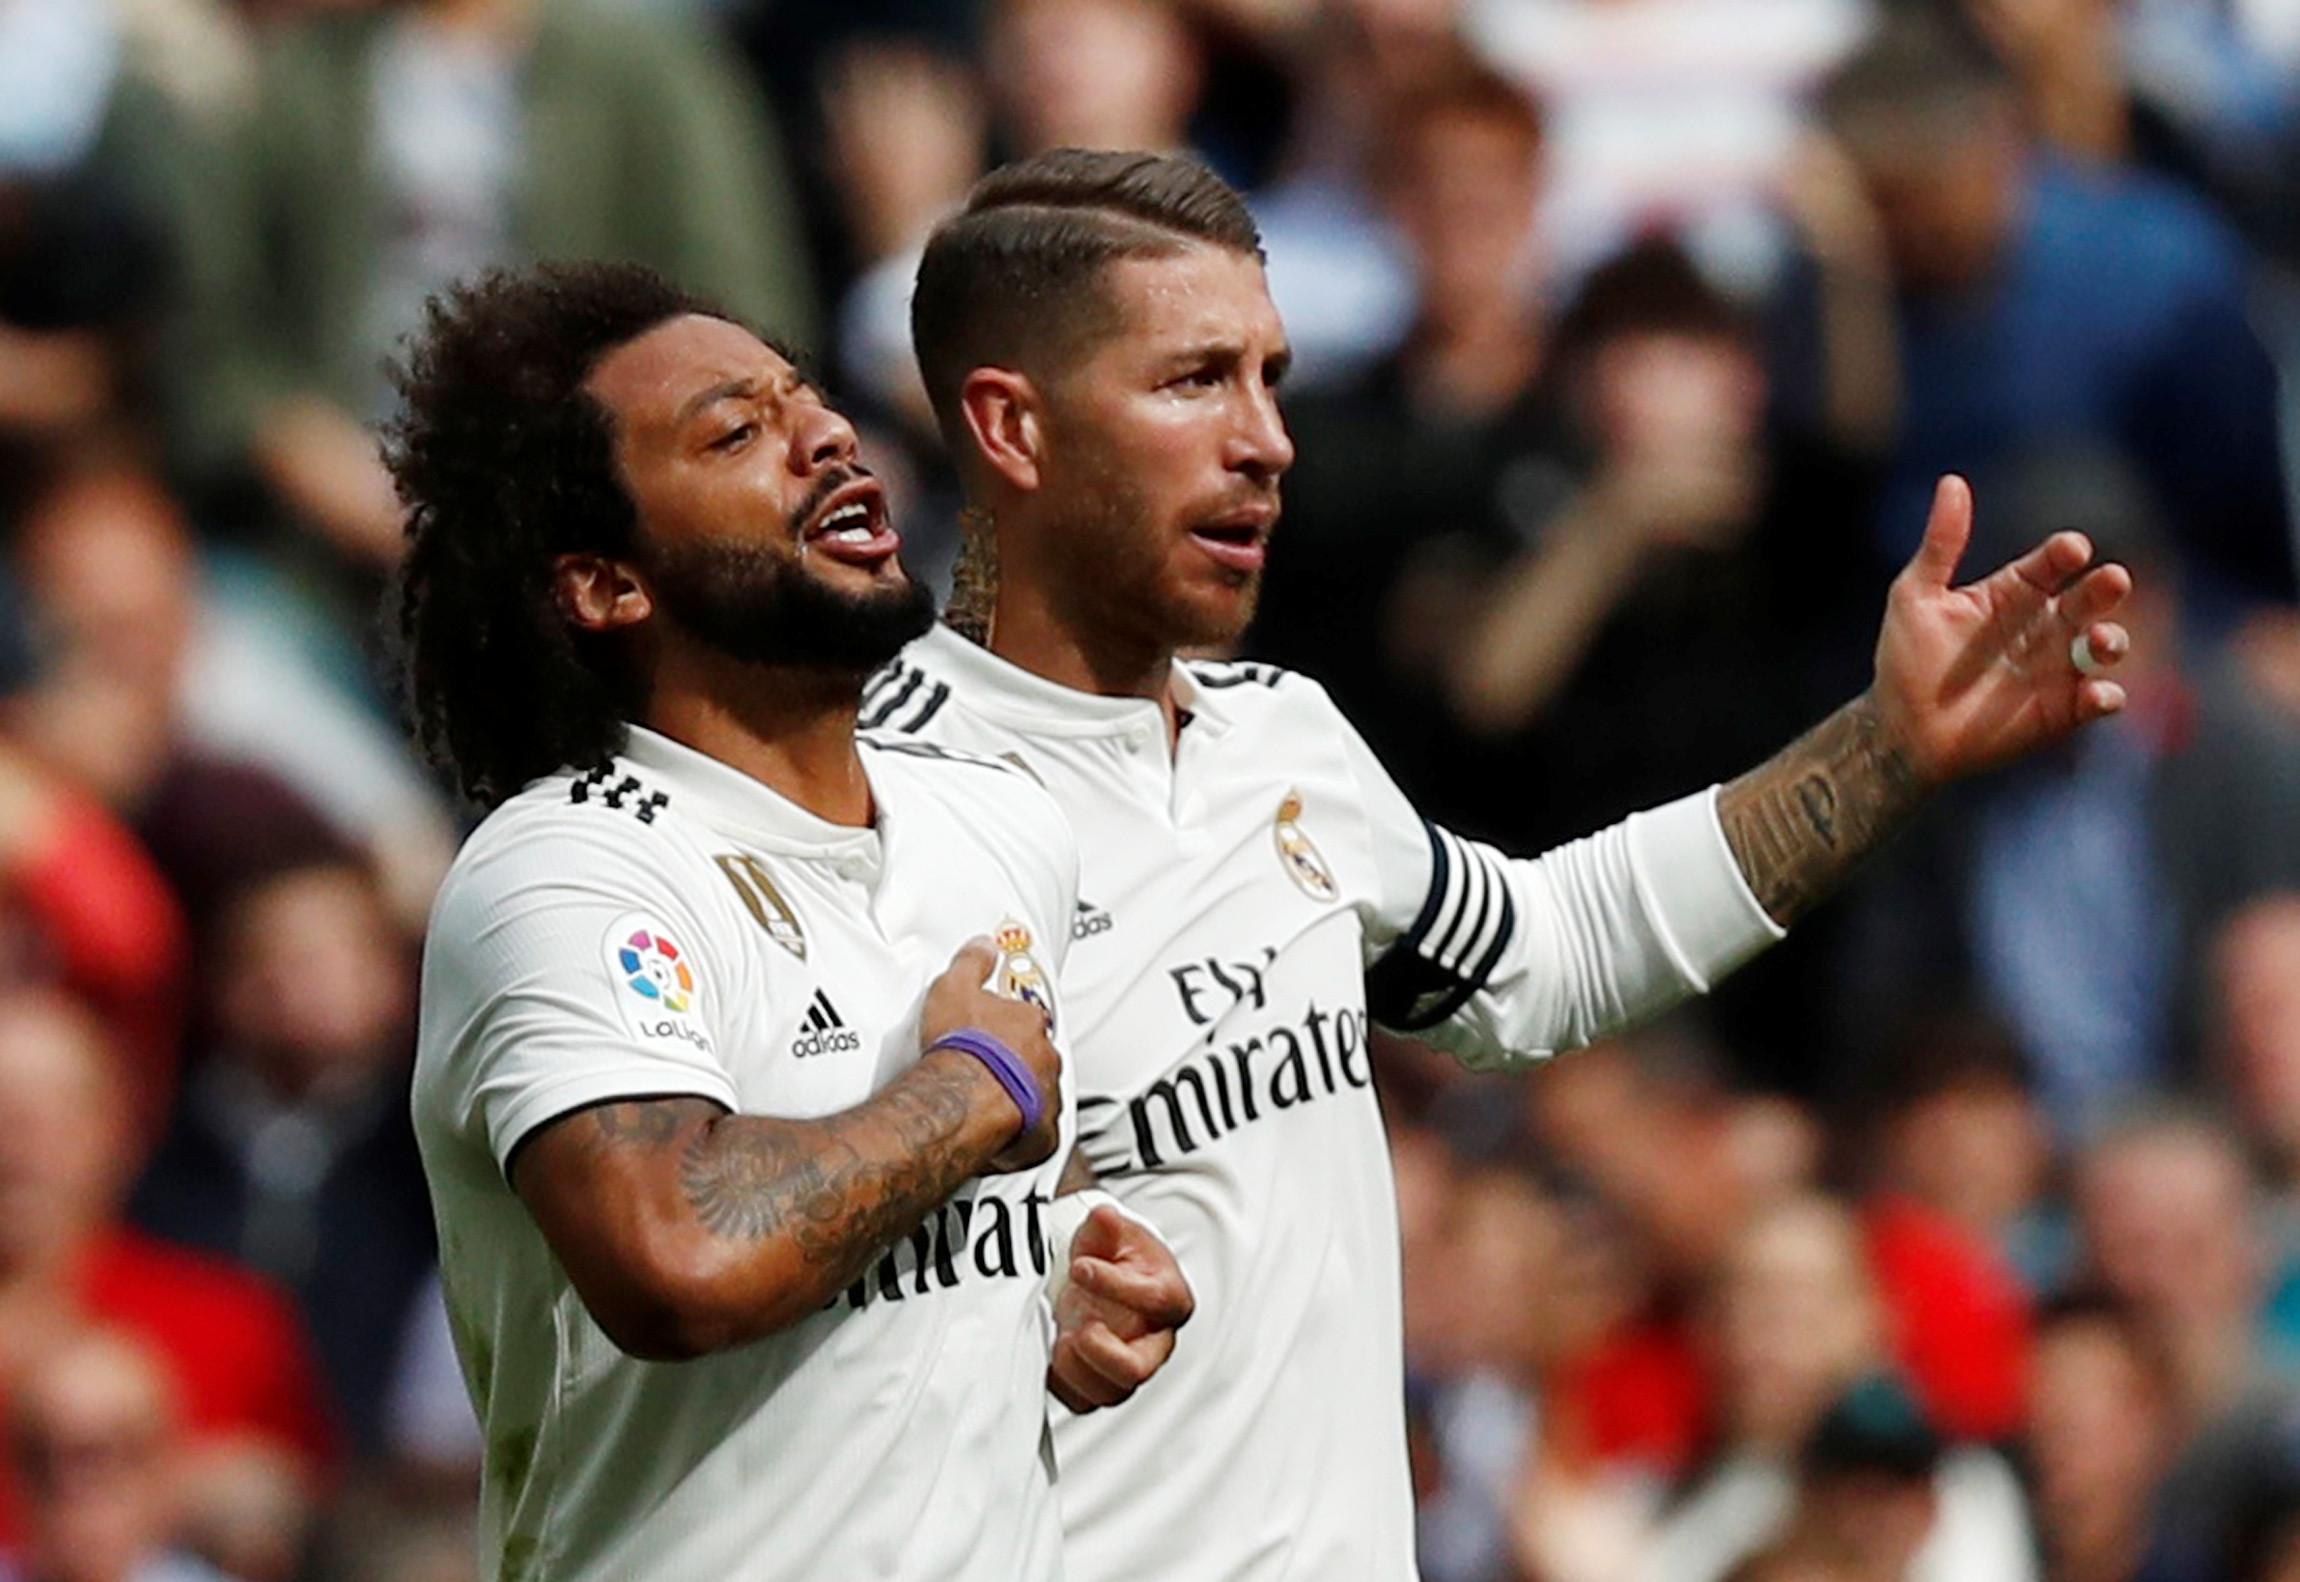 Ramos e Marcelo estiveram pegados no treino. Colegas tiveram de intervir